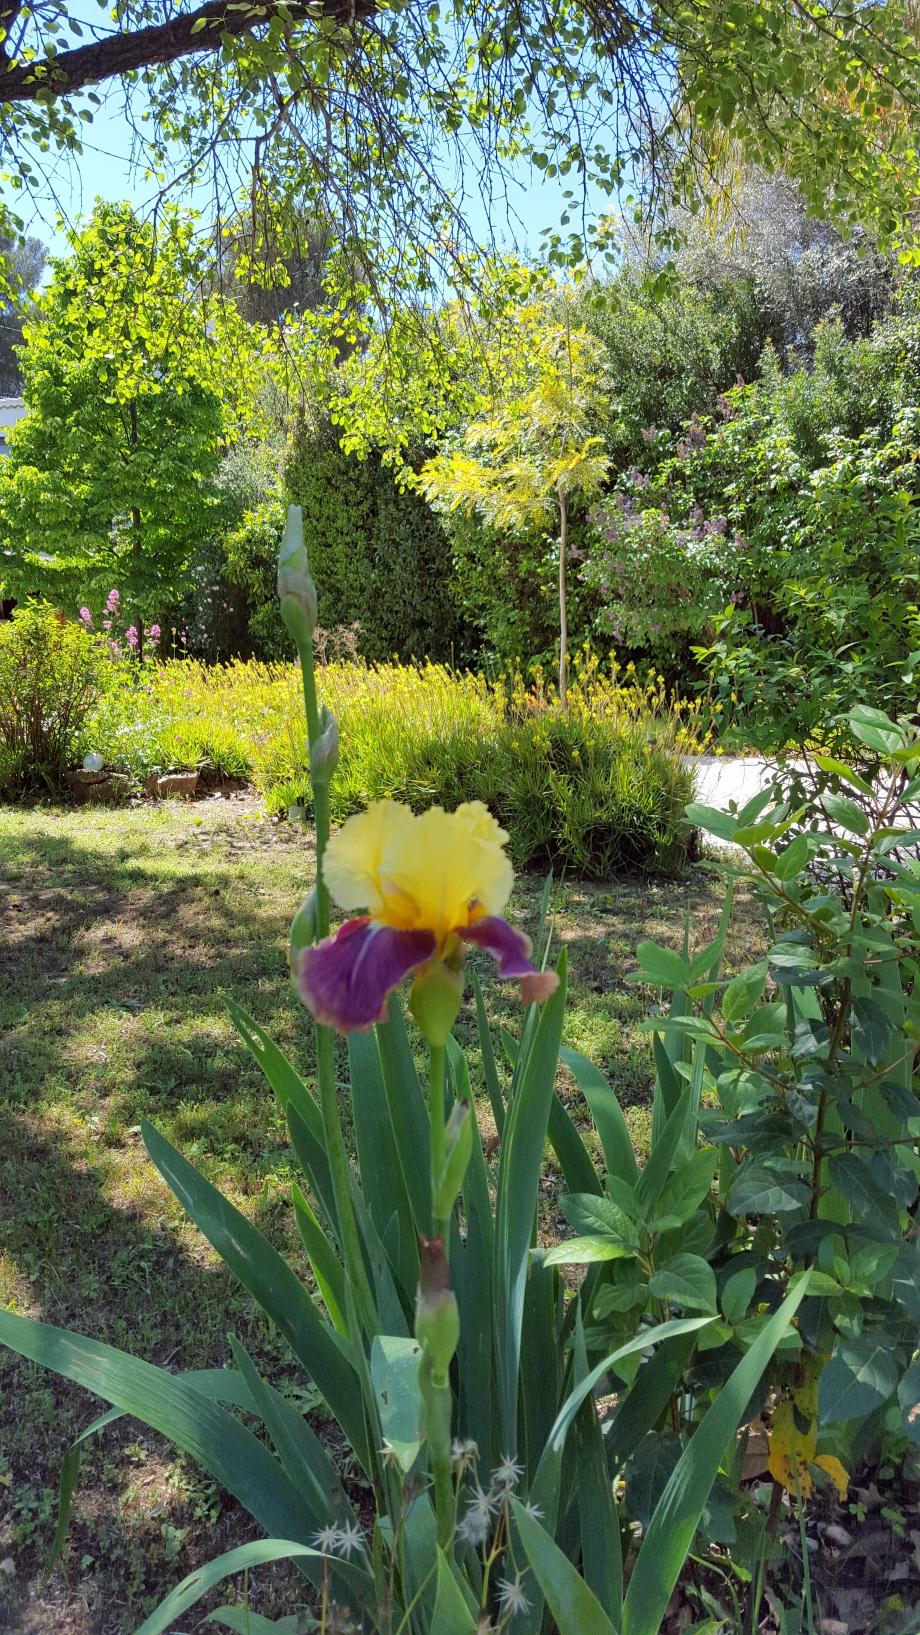 Iris jaune et mauve 4 mai 16.jpg